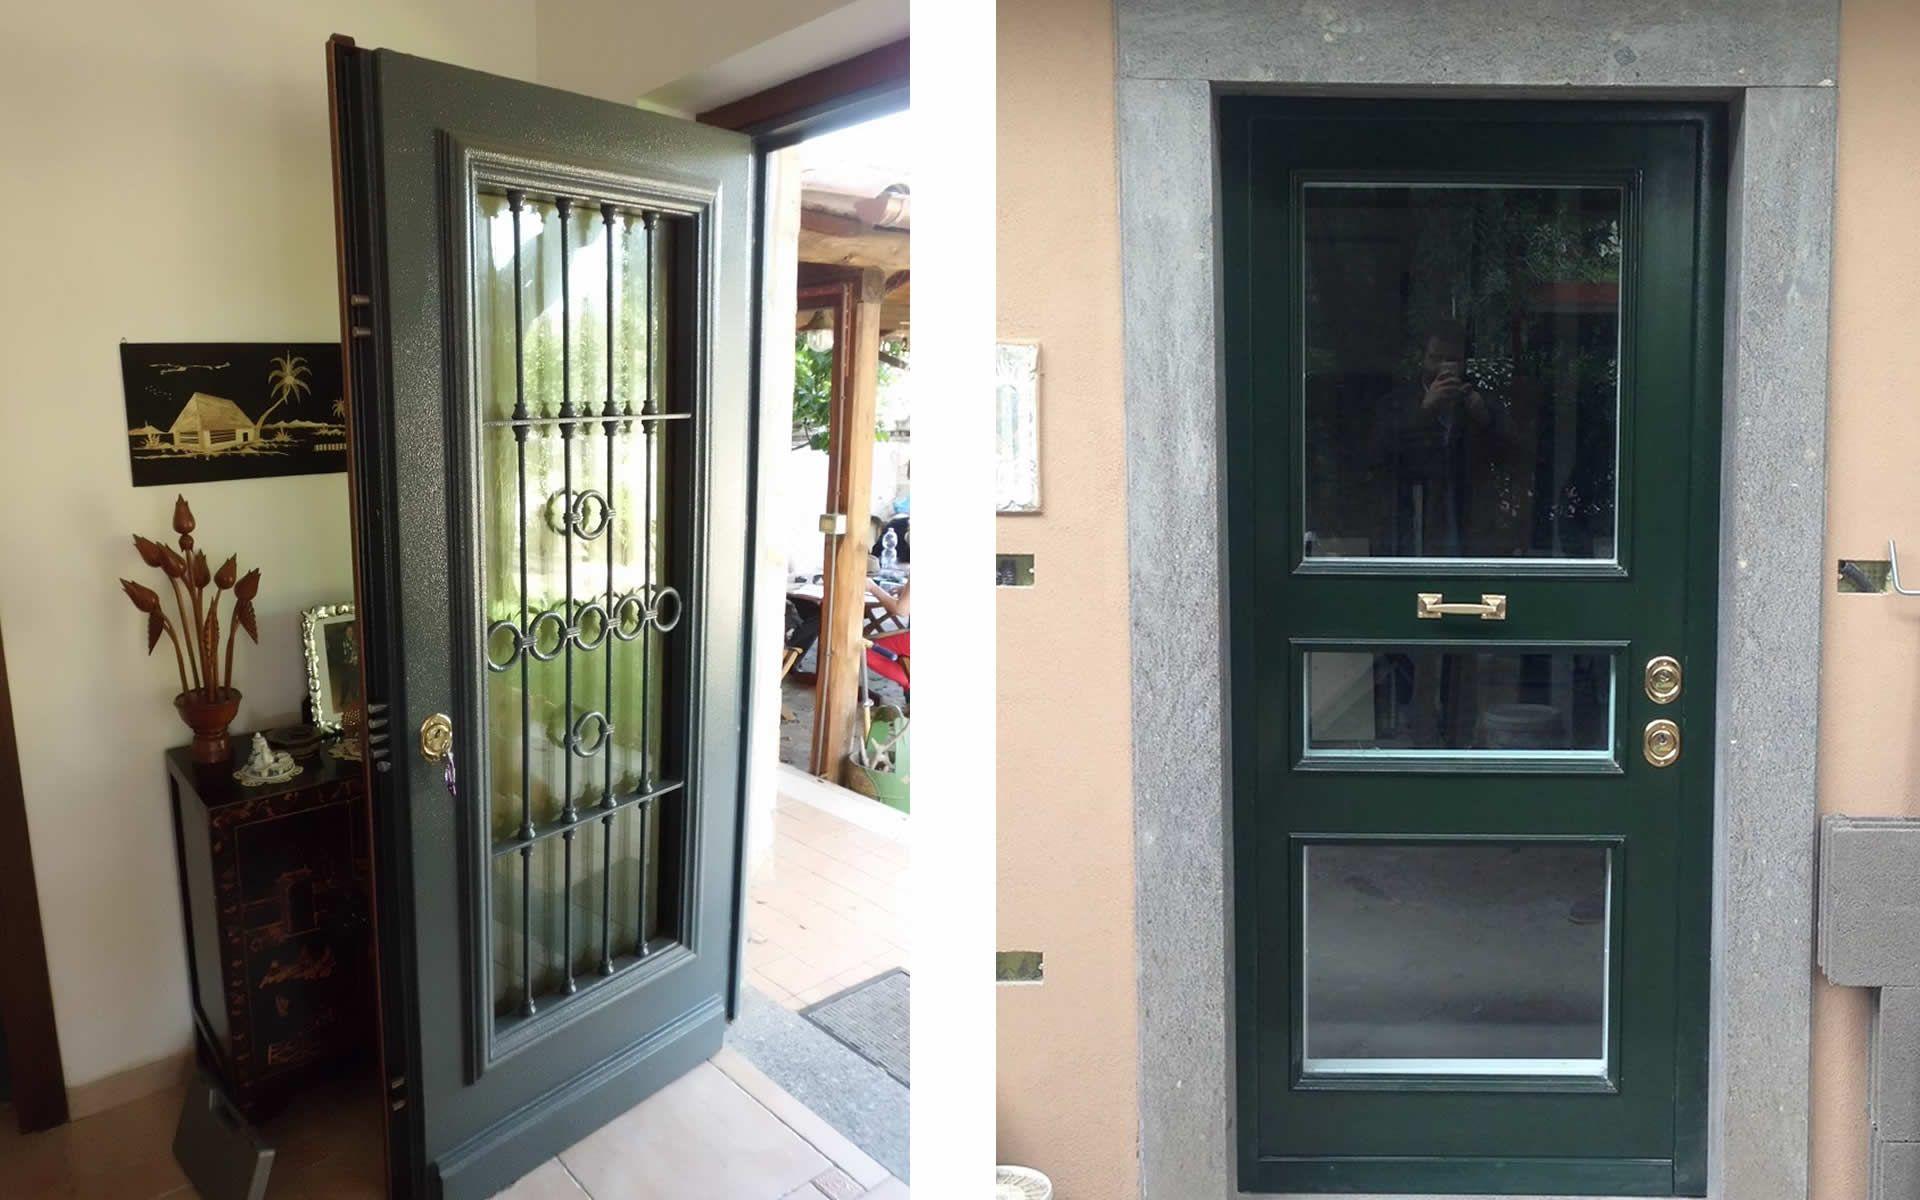 Gallery of porte in pvc per esterni prezzi portoncino ingresso porte per esterni prezzi - Porte in alluminio per esterni prezzi ...